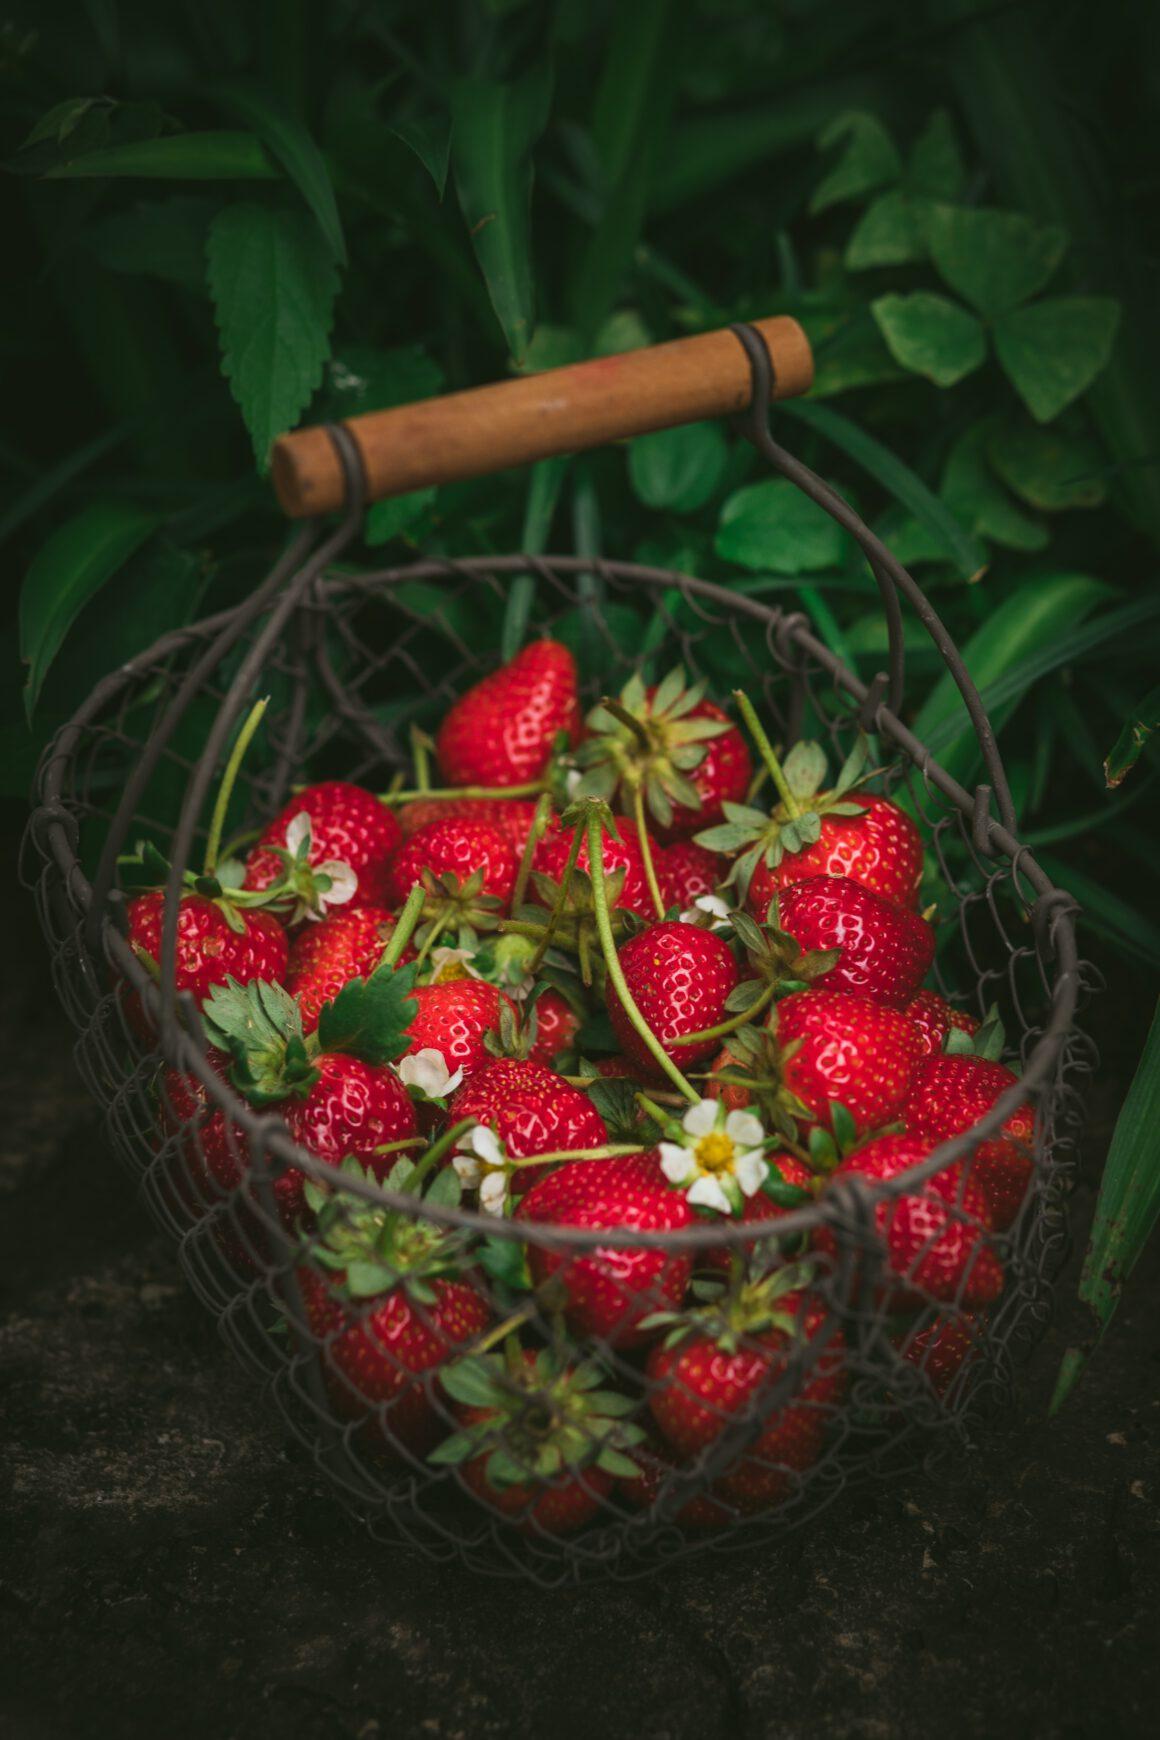 I fiori dell'amore: le fragole, le potenti anti-age e non solo